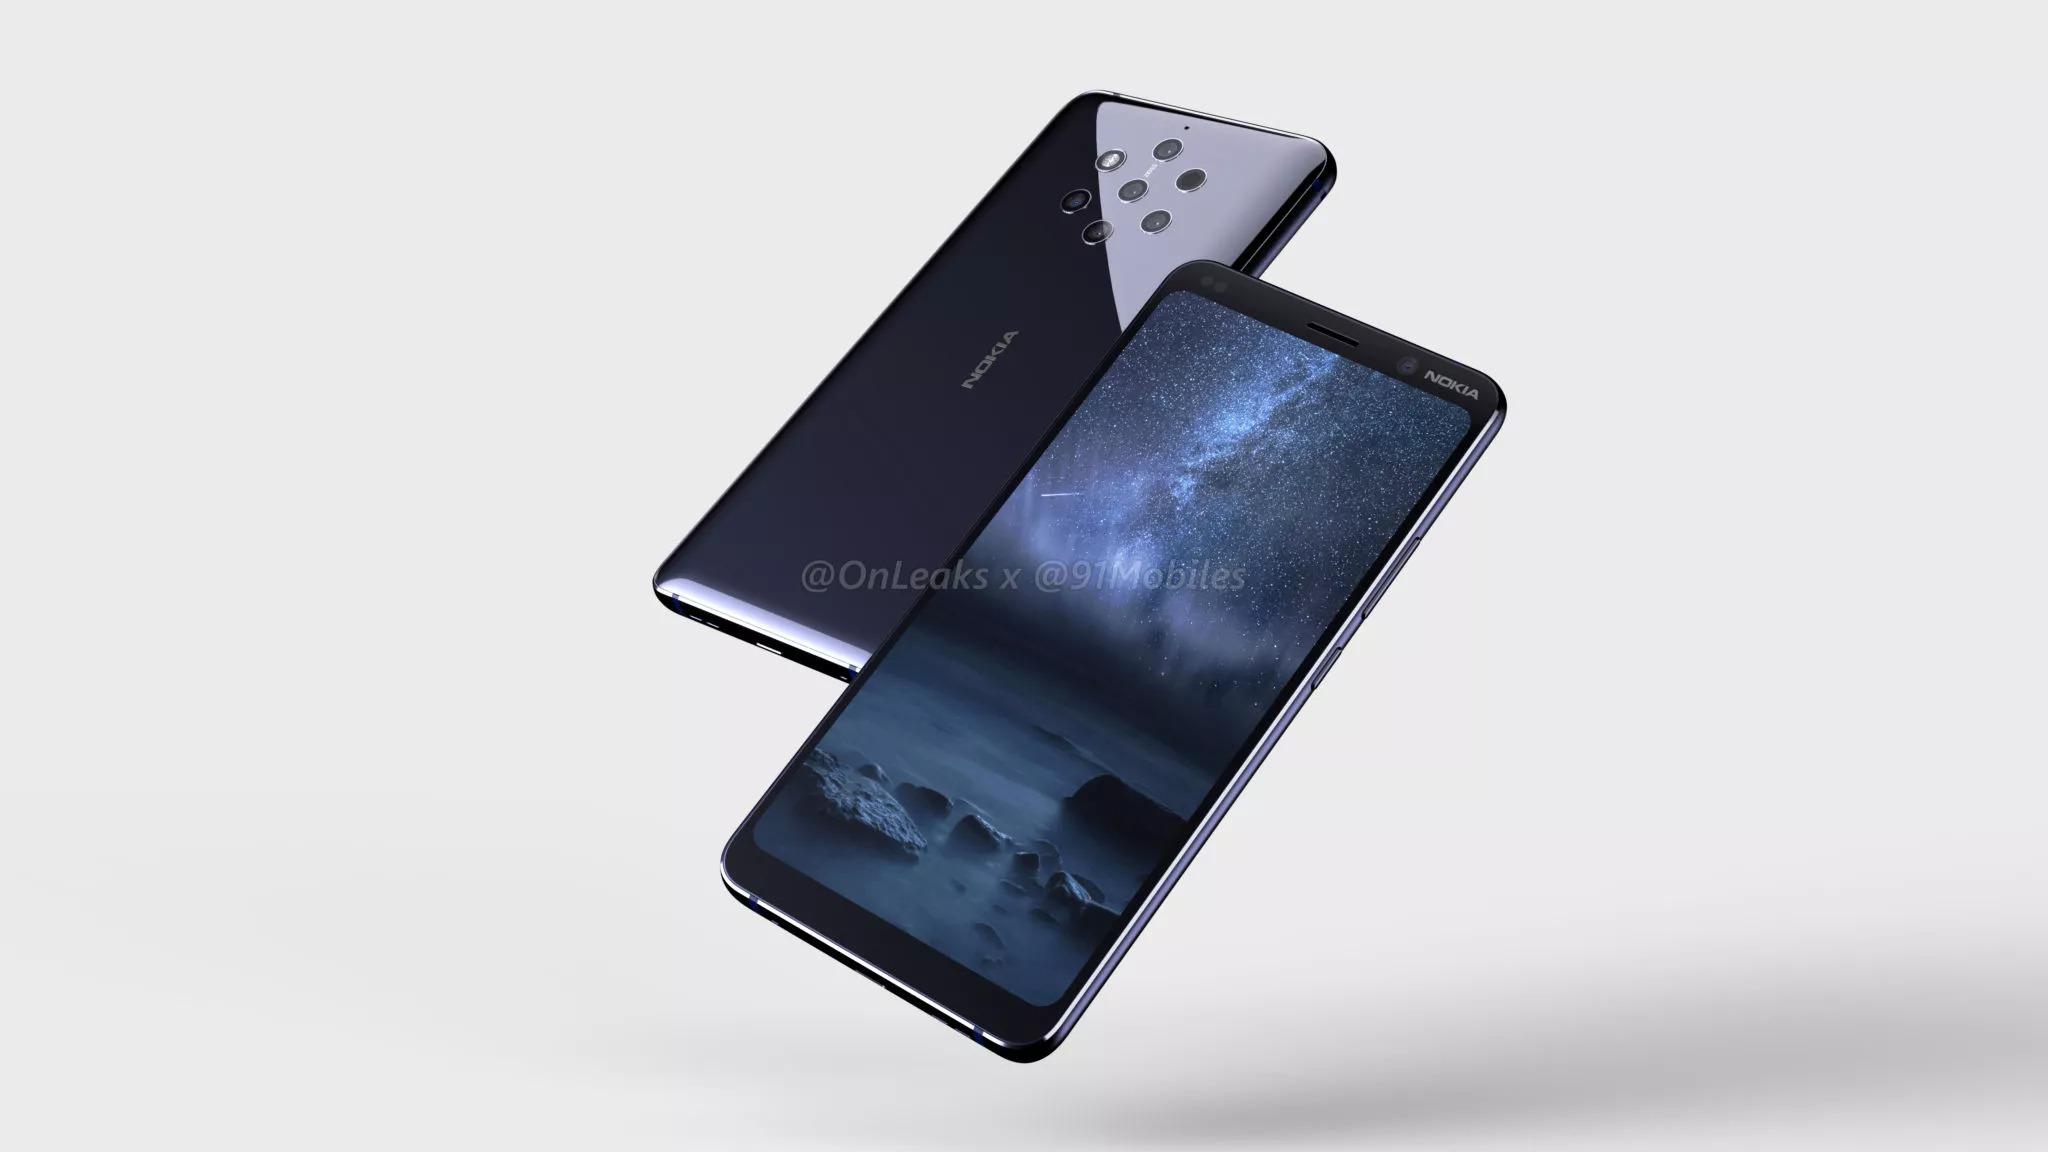 Le Nokia 9 PureView serait dévoilé avant le MWC en plus d'une version 5G avec Snapdragon 855